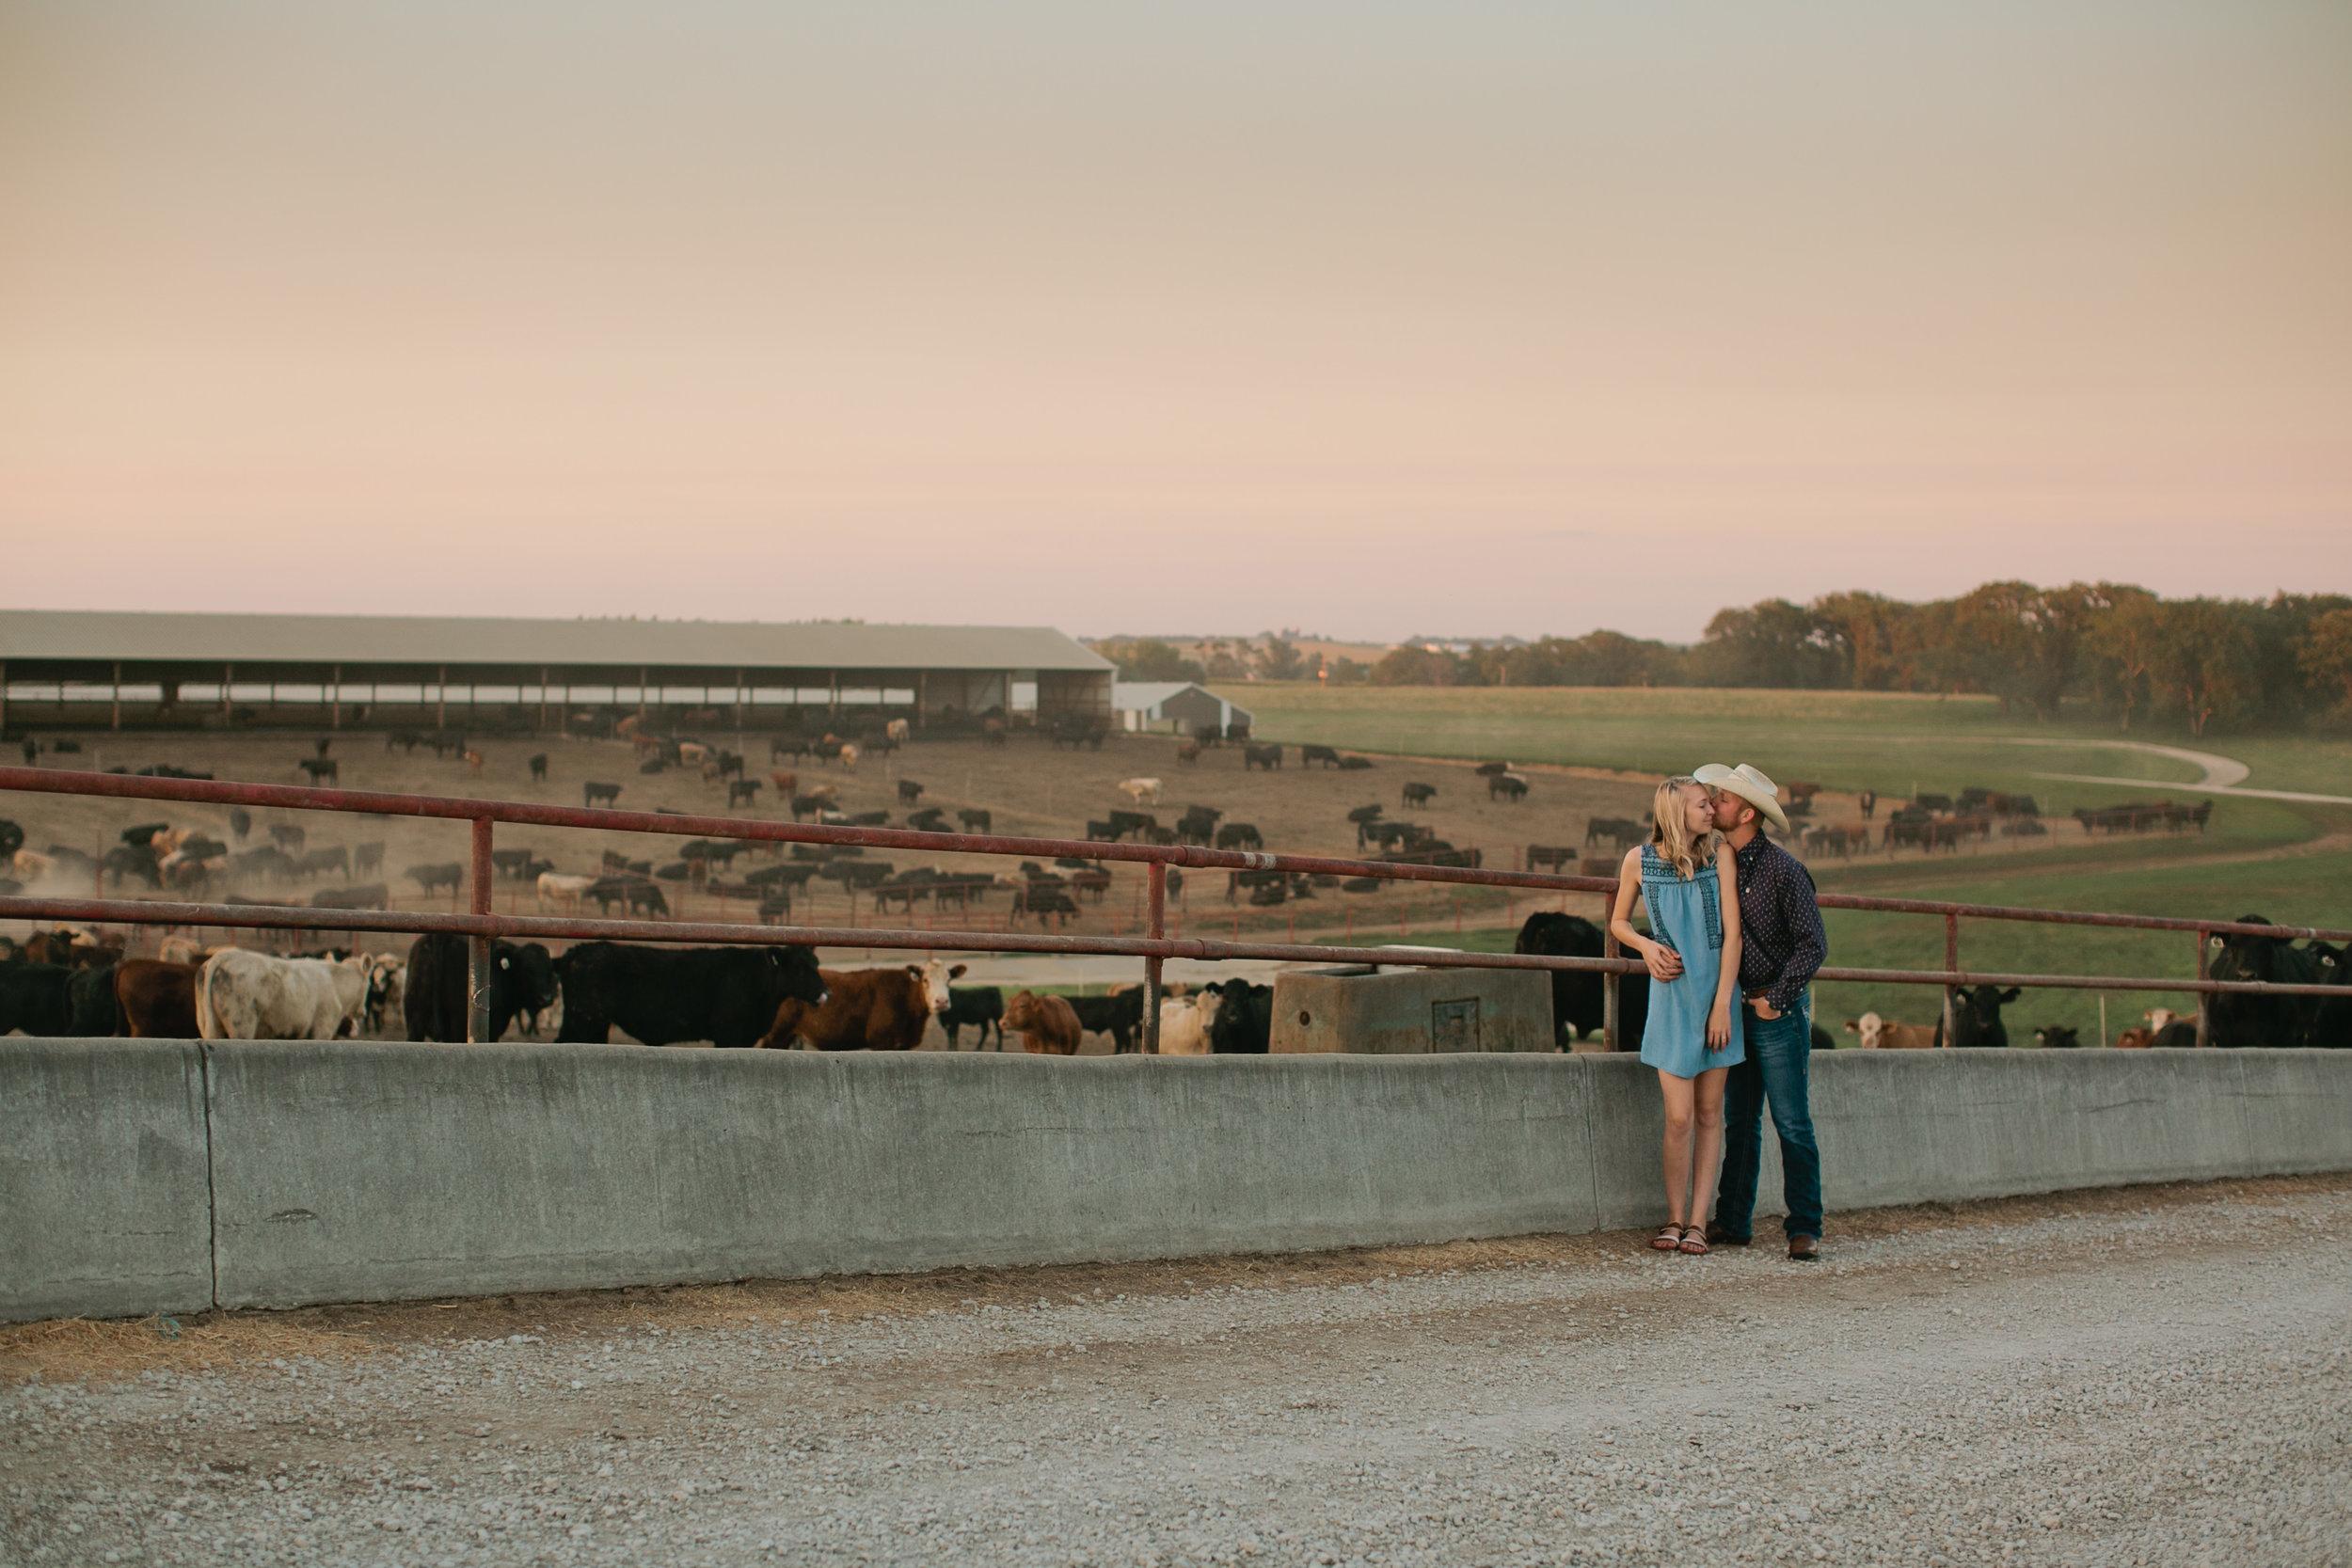 iowa_cattle_farming_industry